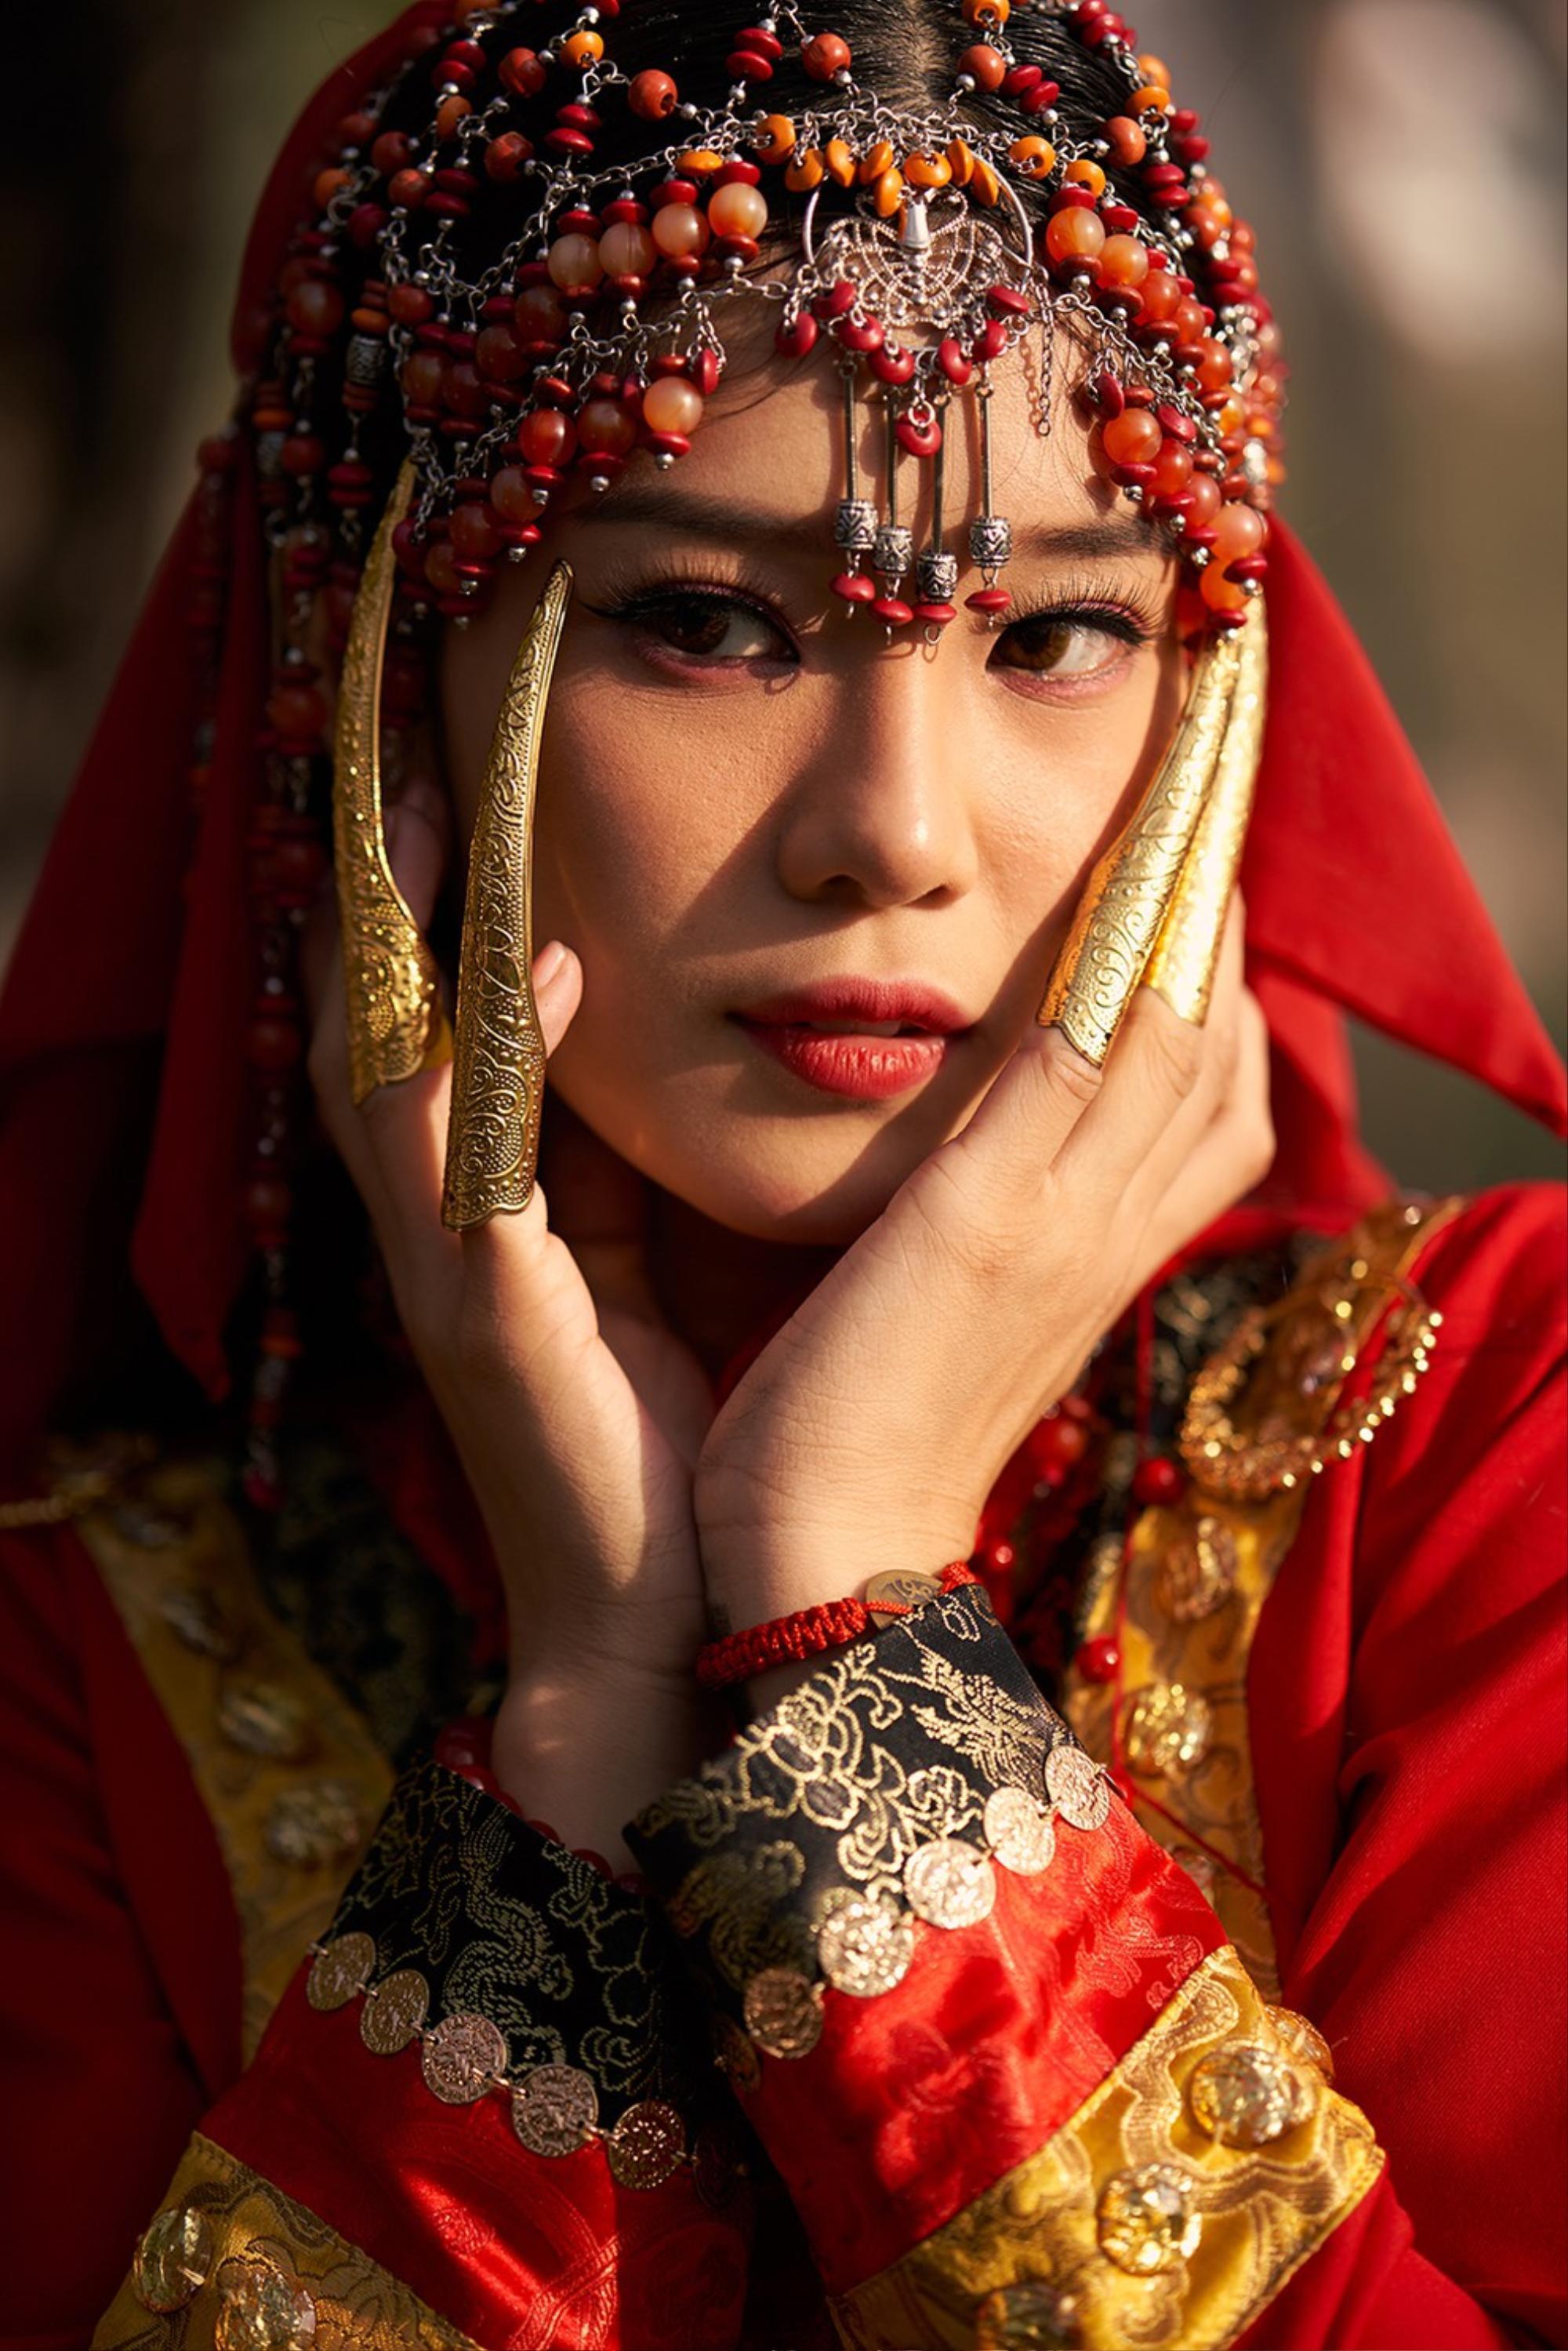 Nhạc ngoại lời Việt: 'Trào lưu' nên biết điểm dừng! Ảnh 15